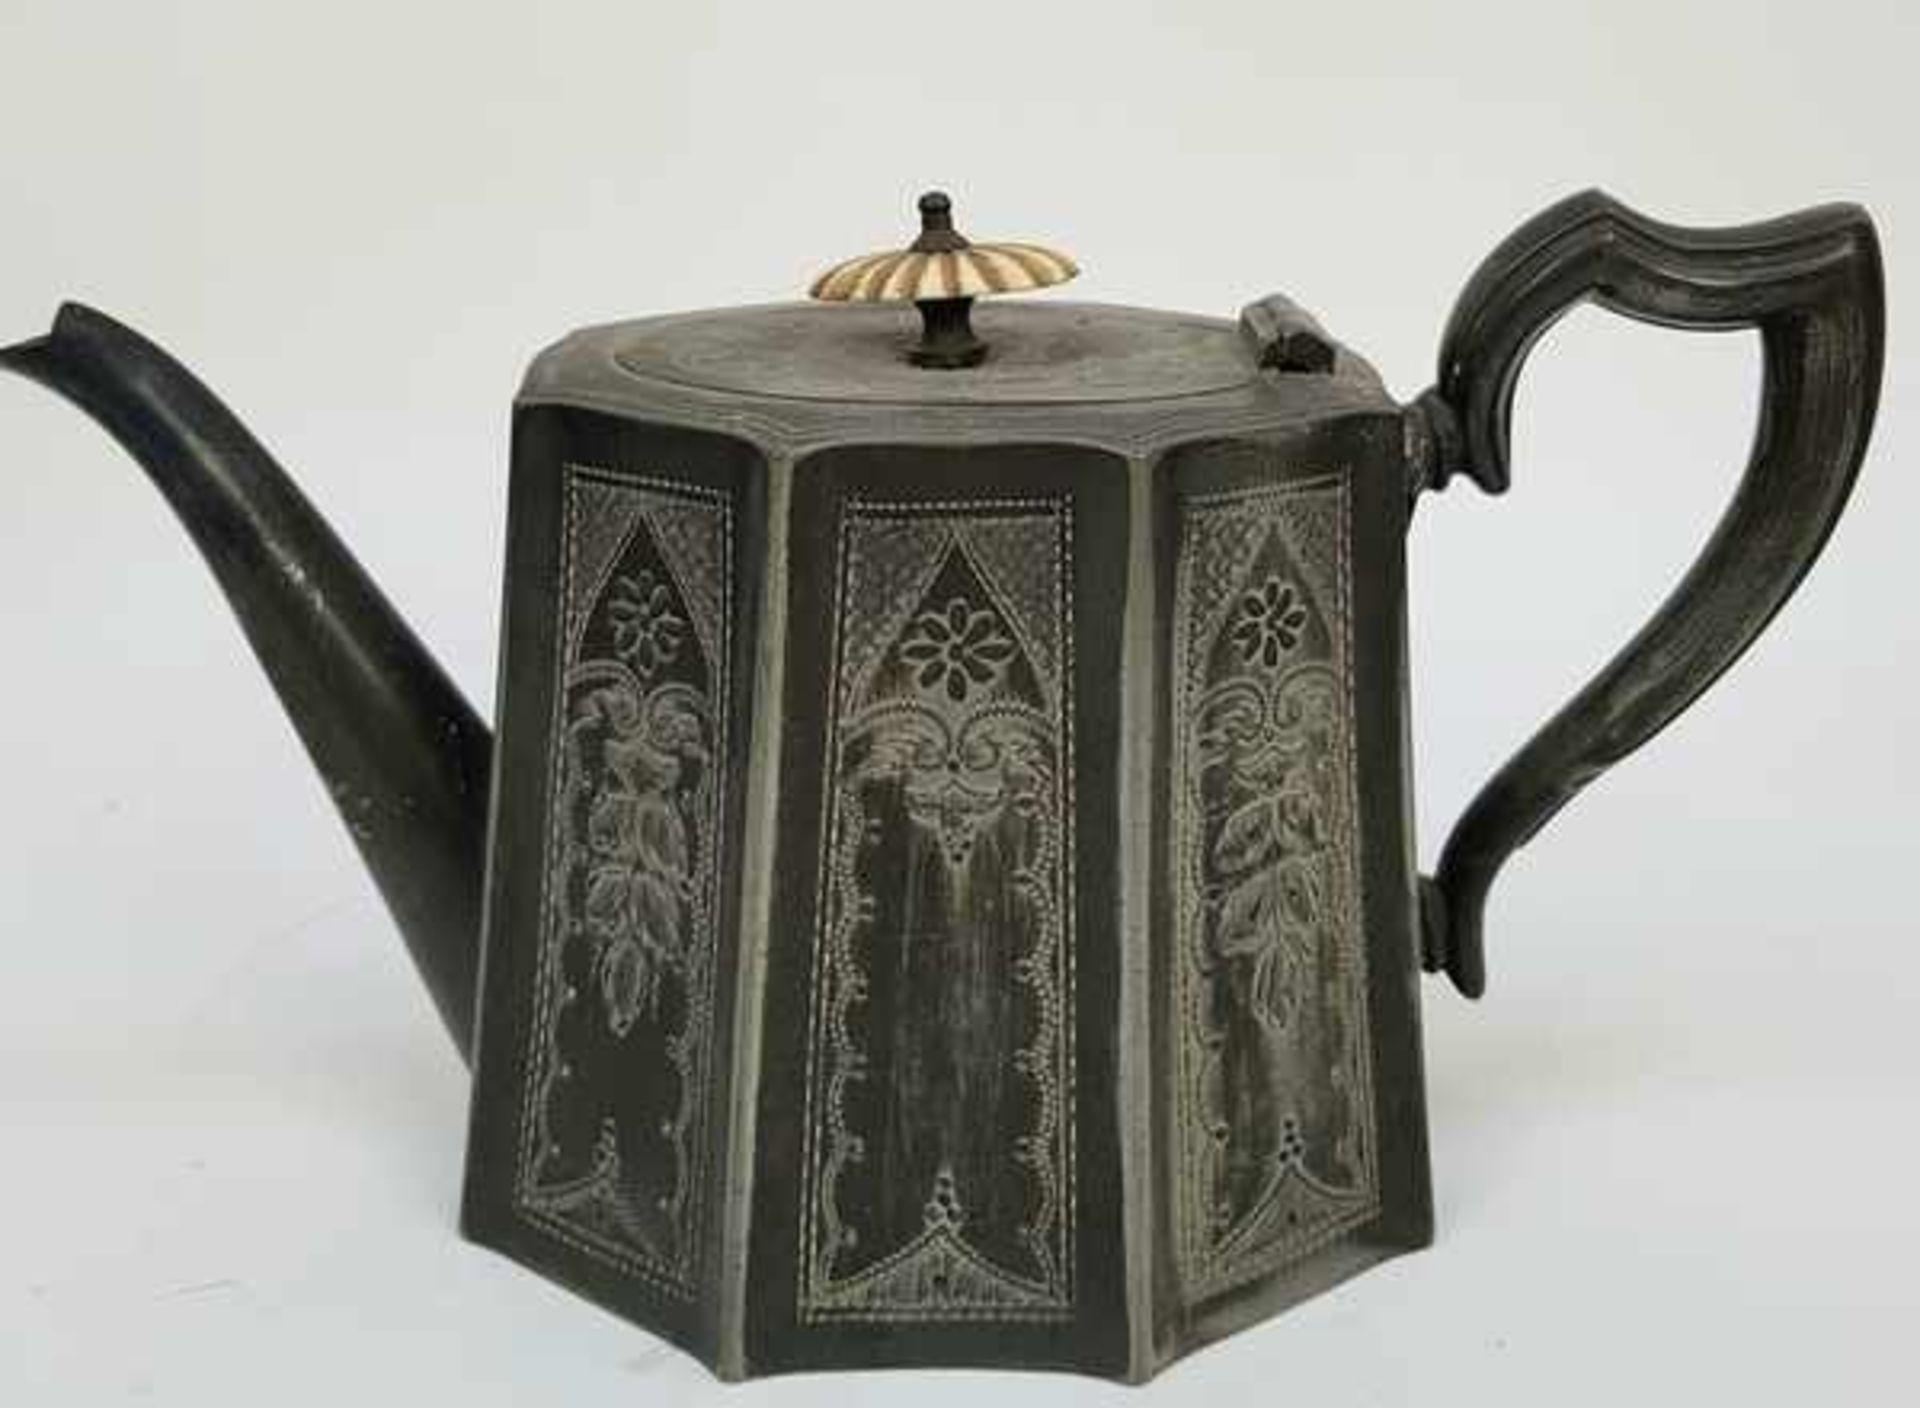 (Antiek) Divers lot thee-en koffiepotten - Bild 5 aus 10